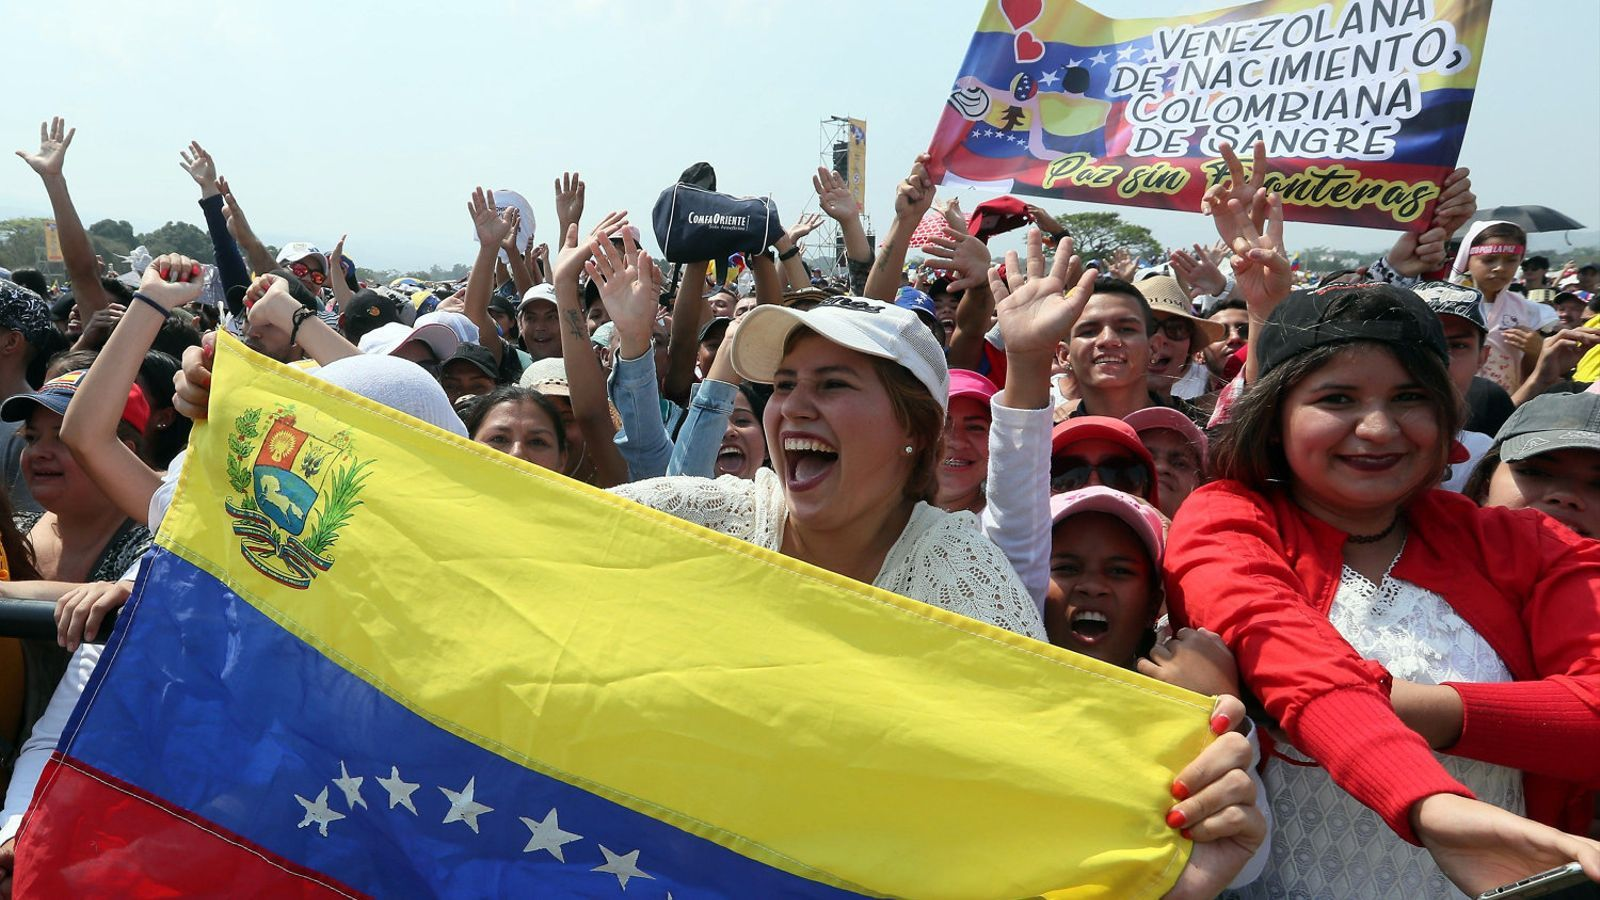 Algunes de les milers de persones que van assistir ahir al concert al costat colombià de la frontera amb Veneçuela.